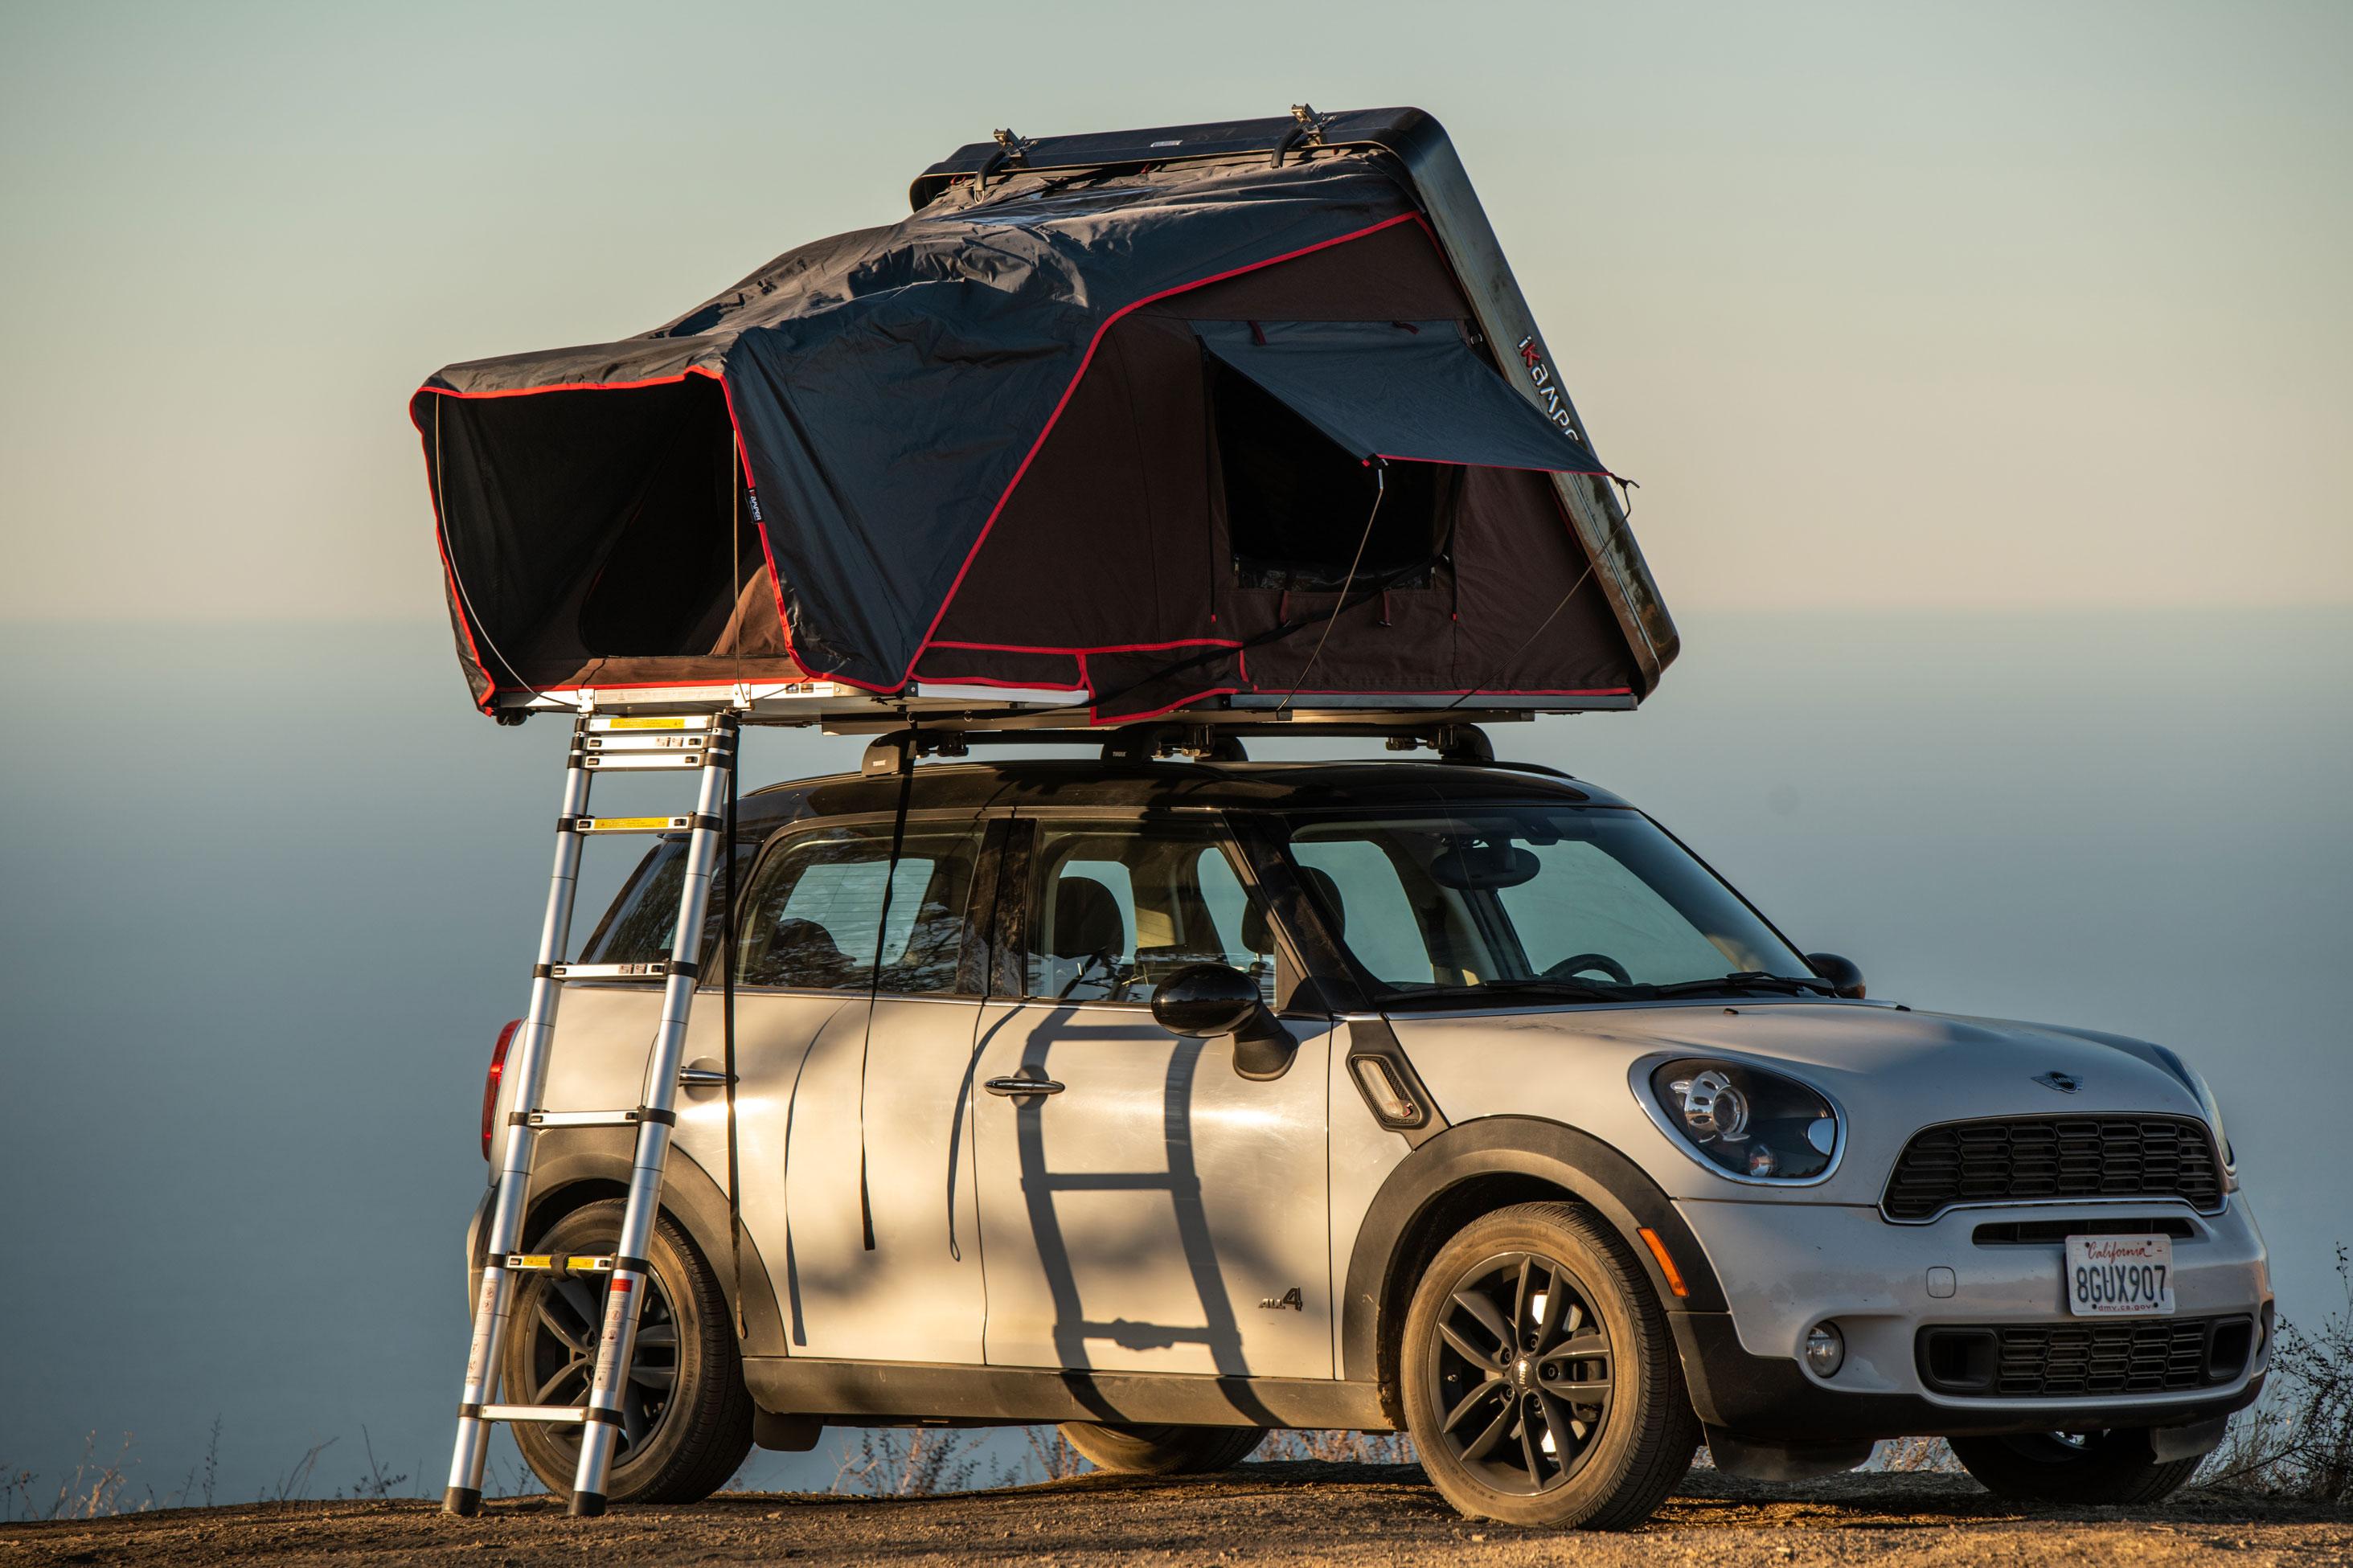 iKamper Skycamp Mini roof-top tent